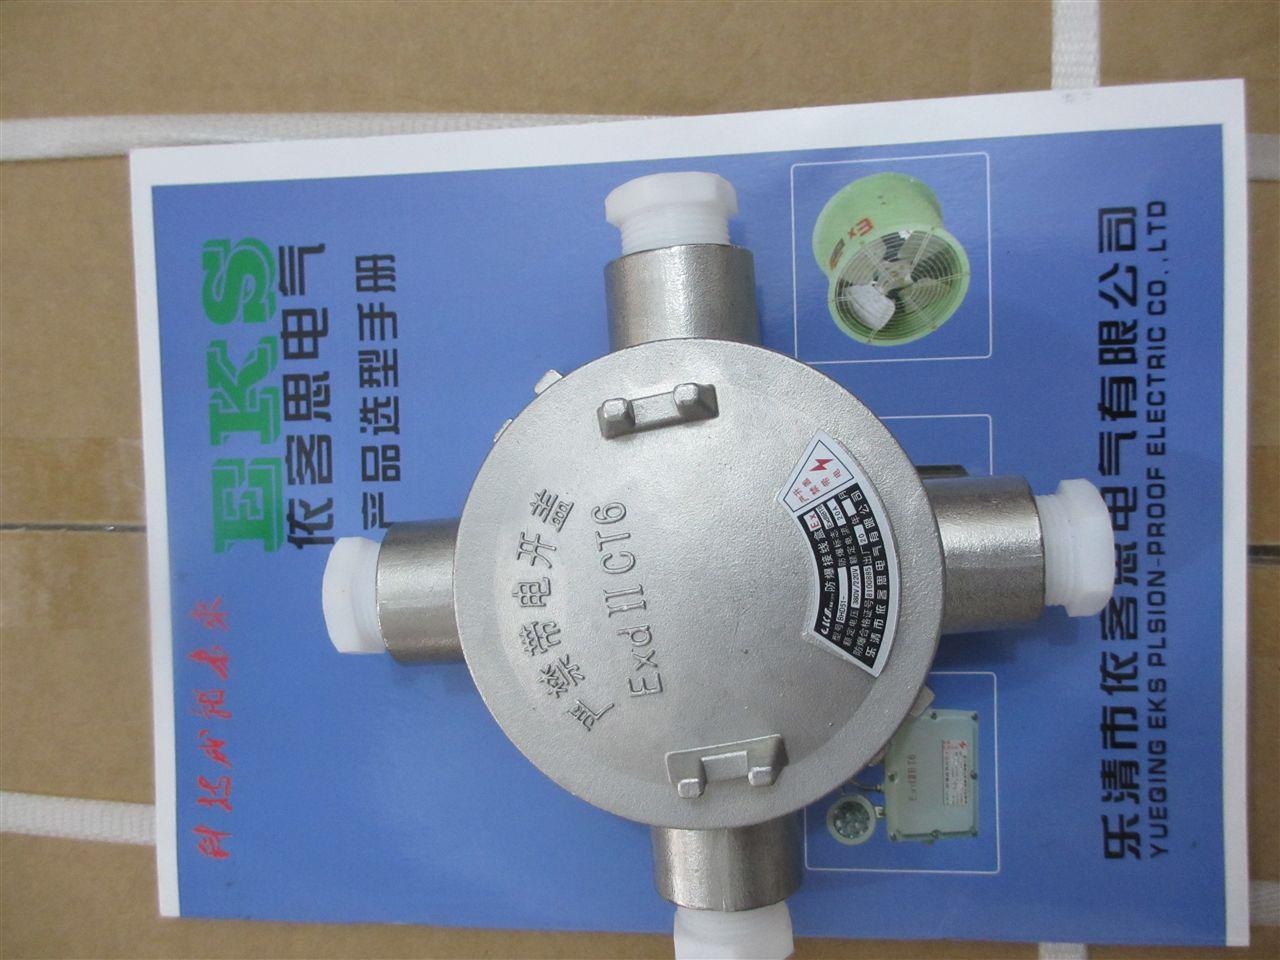 AH-DN20粉尘防爆接线盒 4分6分防爆接线盒-厂家直销【螺纹规格】:1/2,3/4,1,1.2,1.5,2 产品特点: 1.本产品壳体采用铸铝合金压铸成型,表面采用高压静电喷塑。 2.进出线口有多种方式及规格。 3.进出线口螺纹可特制,可制成公制螺纹,NPT螺纹等形式。 4.钢管或电缆布线均可 乐清依客思电气电器有限公司服务优势:我们深知一个公司的发展离不开广大用户的关注和支持,我们将秉承我们一贯的宗旨: 以质量求生存,以信誉求发展,以科技为根本 为新老客户竭诚服务。在市场竞争中,凭着我们过硬的技